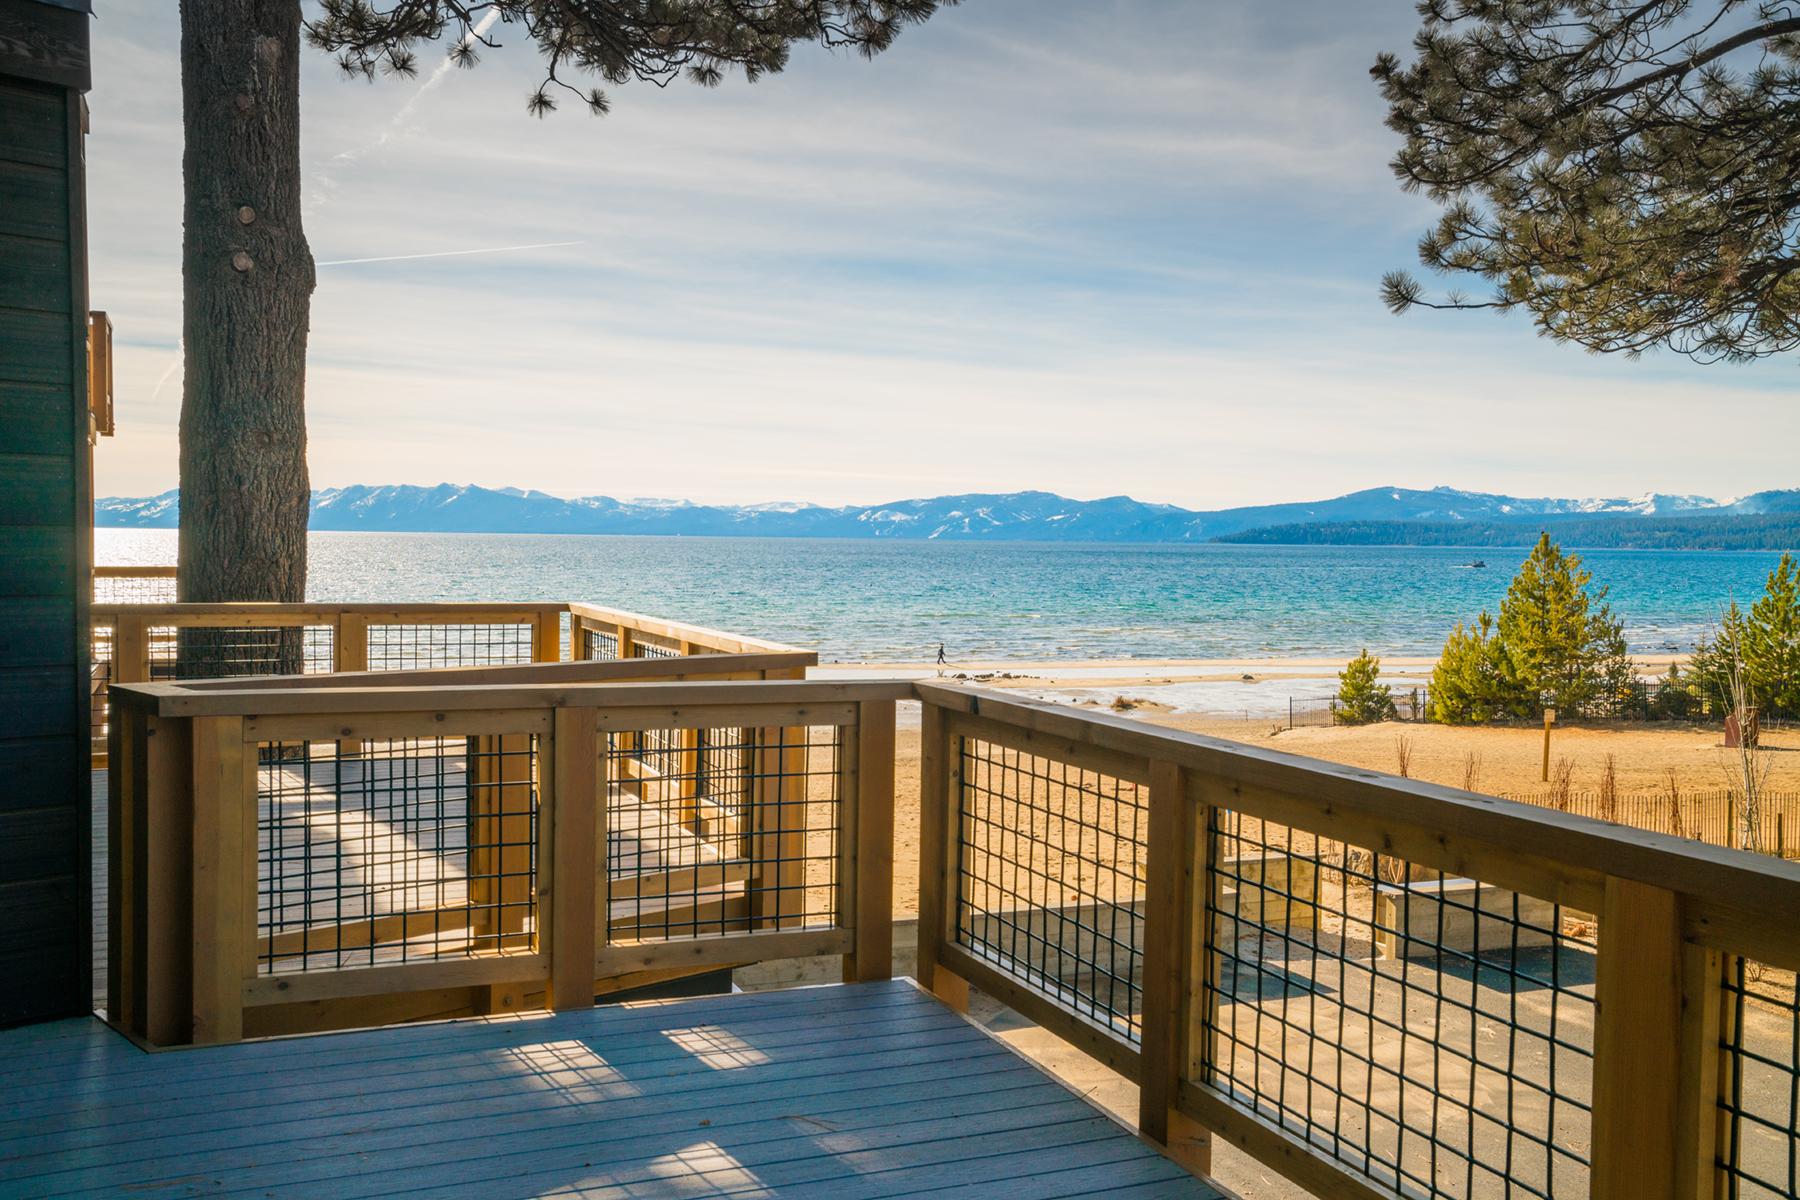 共管式独立产权公寓 为 销售 在 8308 North Lake Boulevard, Unit 3 8308 North Lake Boulevard Unit 3 Kings Beach, 加利福尼亚州 96143 美国